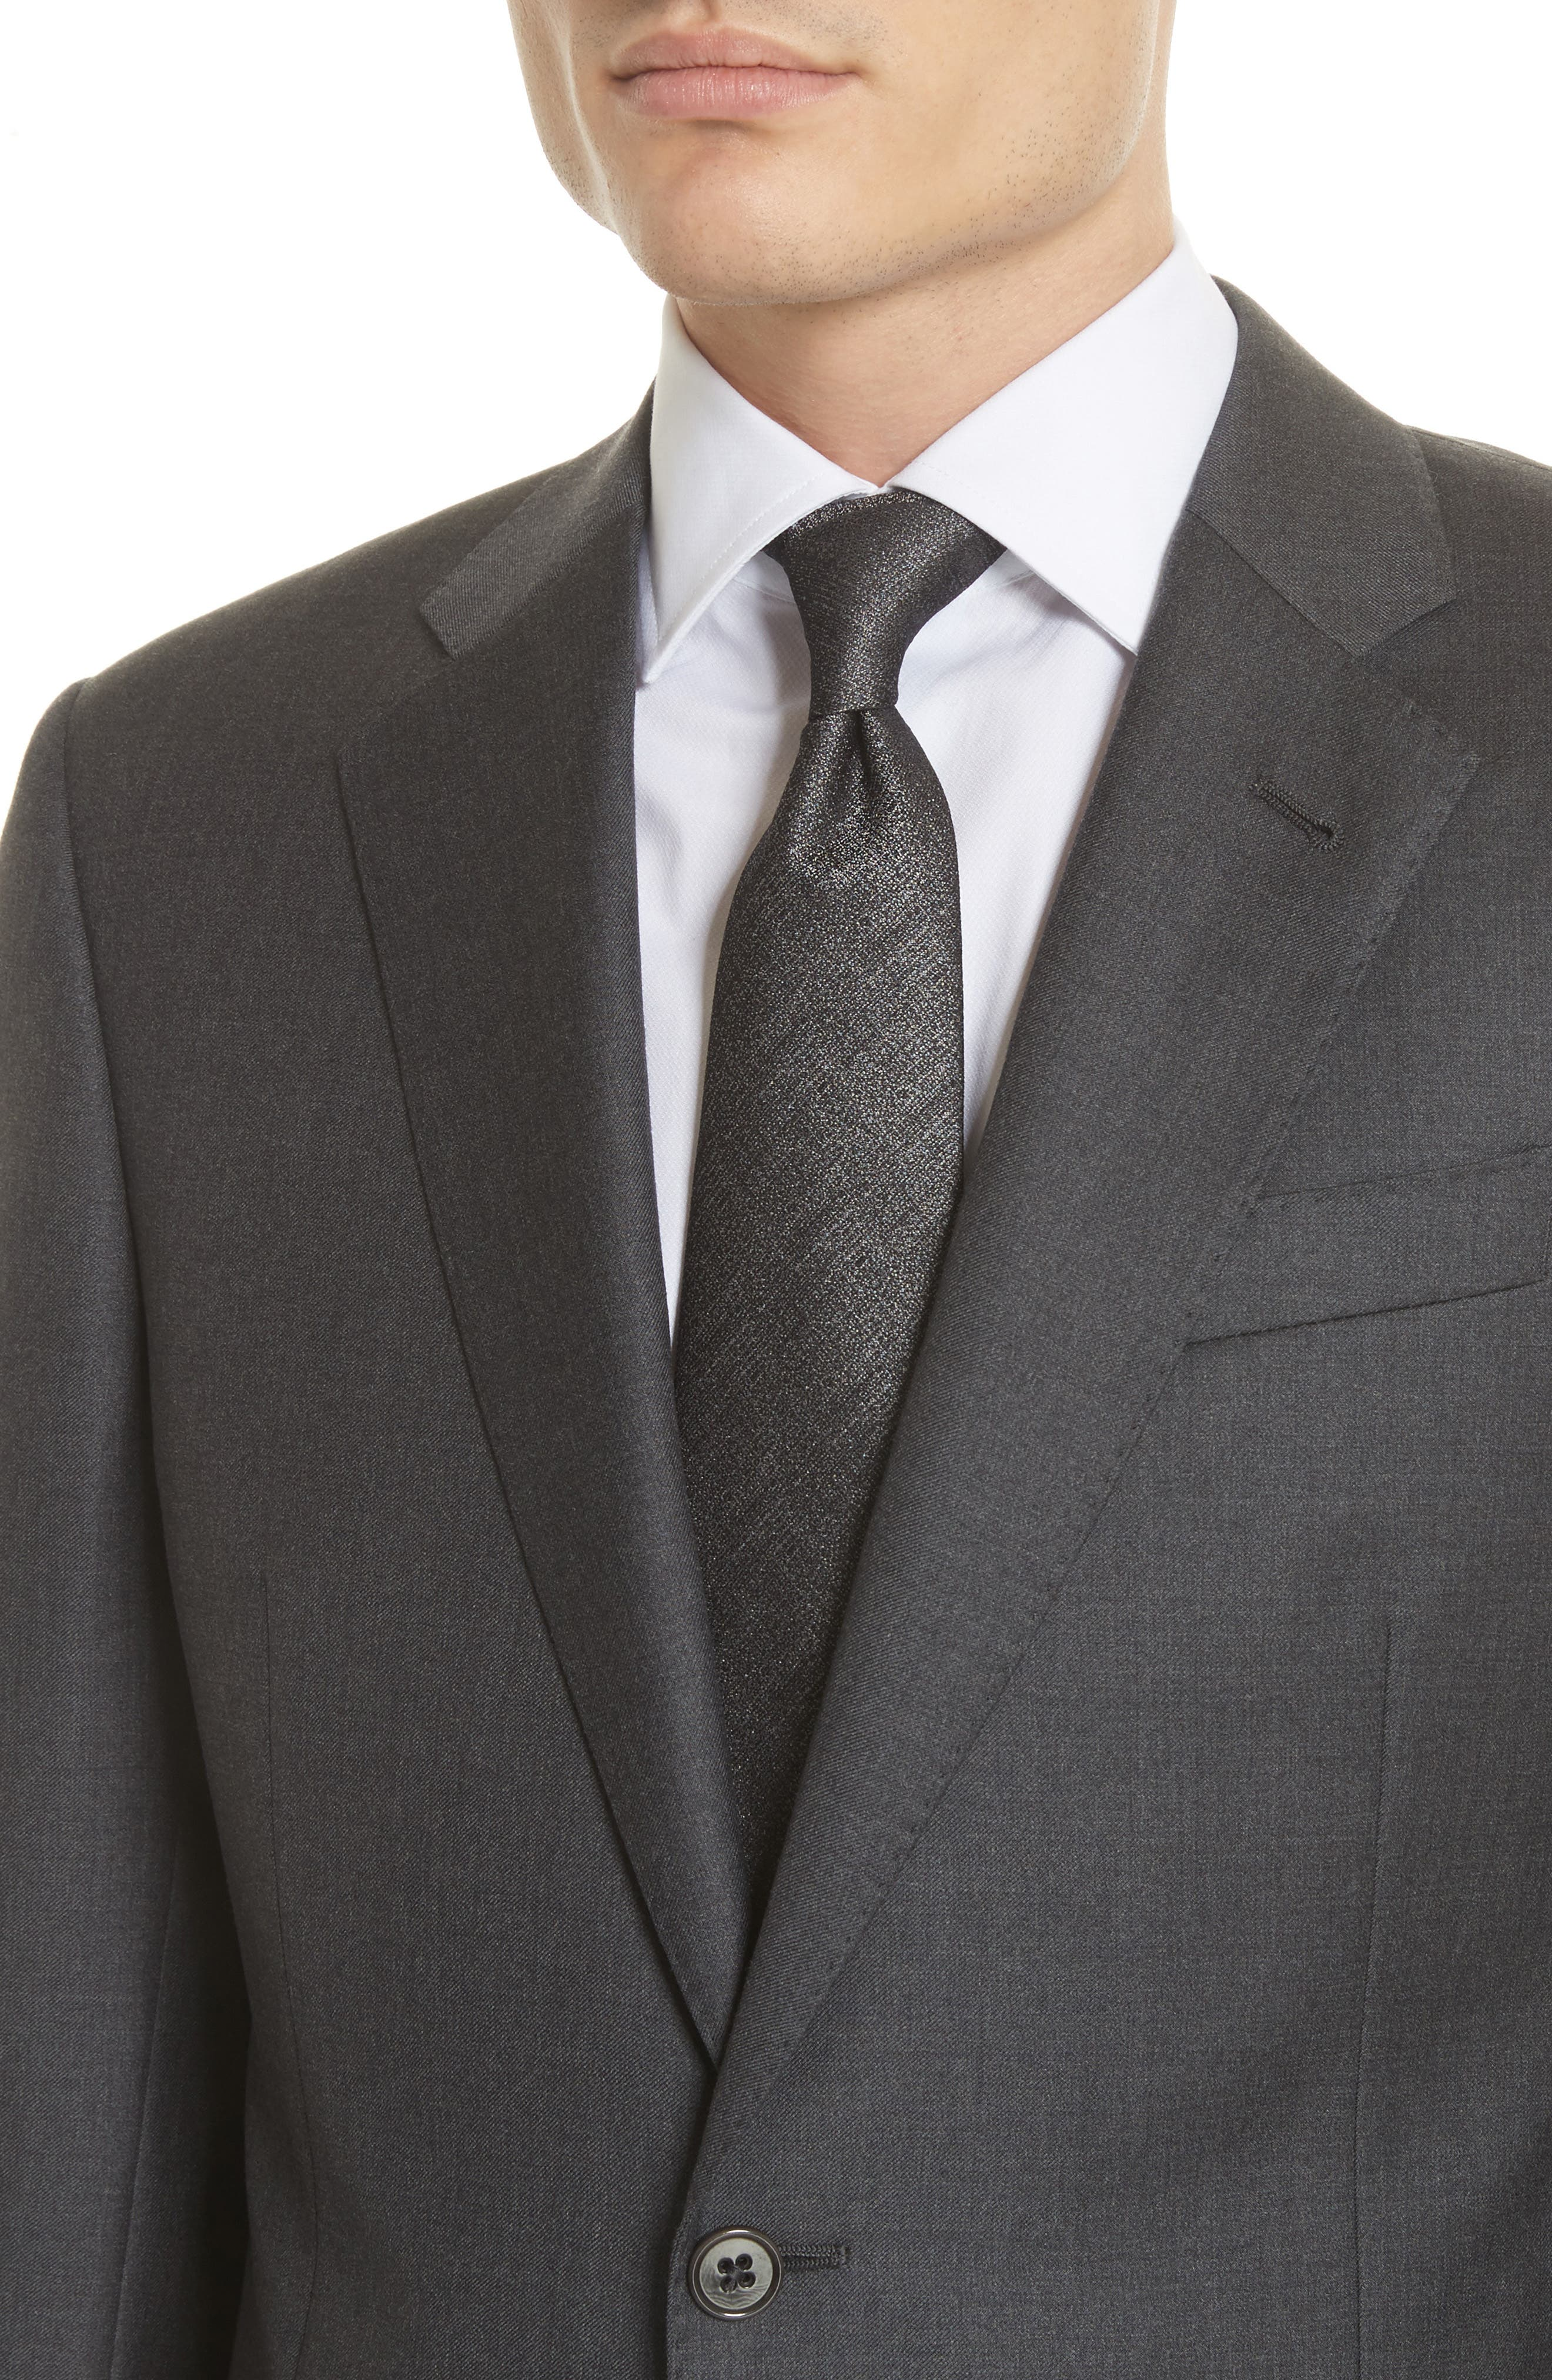 Trim Fit Solid Wool Suit,                             Alternate thumbnail 11, color,